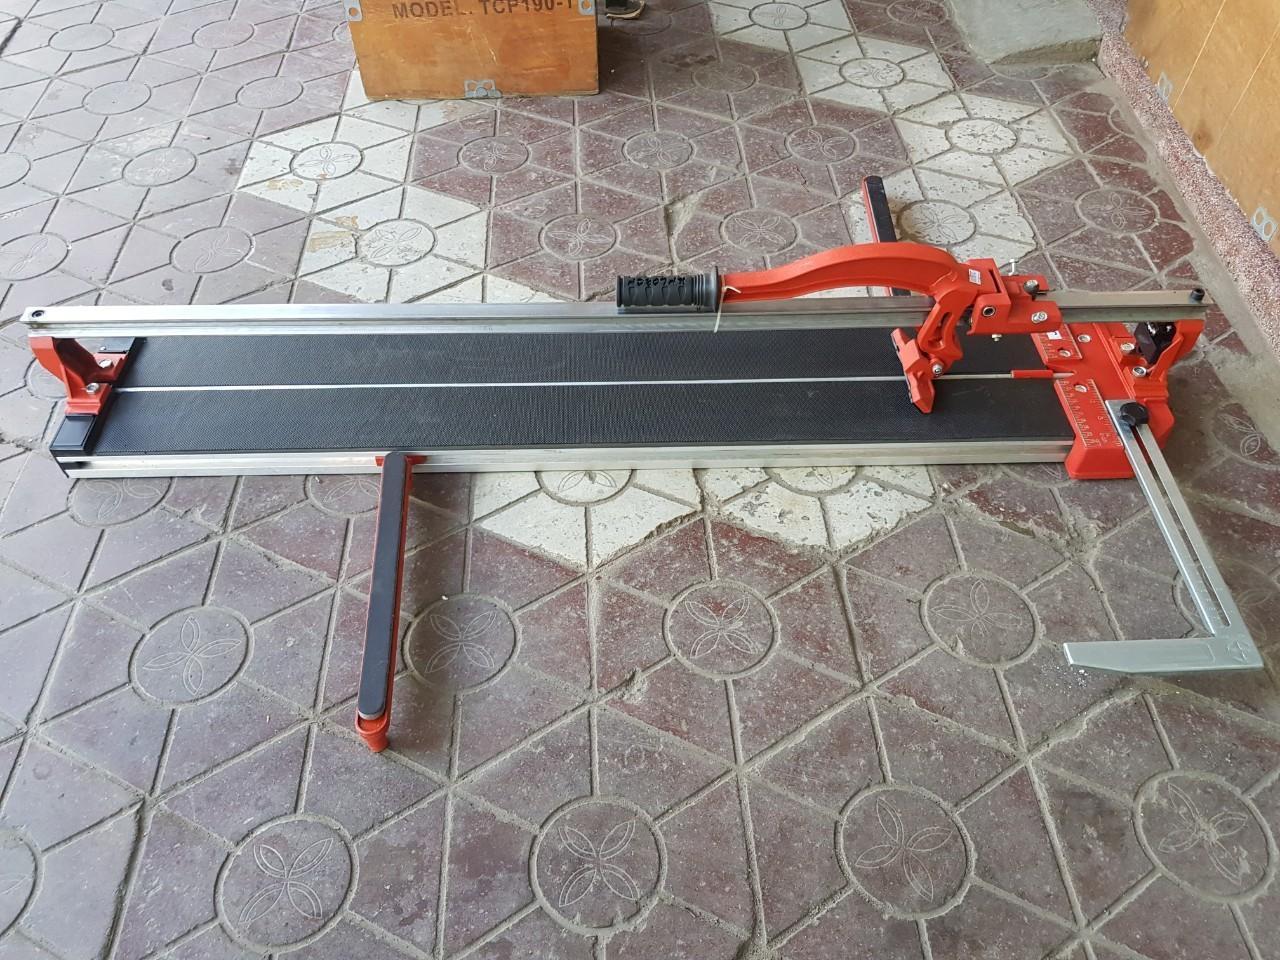 Máy cắt gạch bàn đẩy tay dài 100cm - 1 gióng